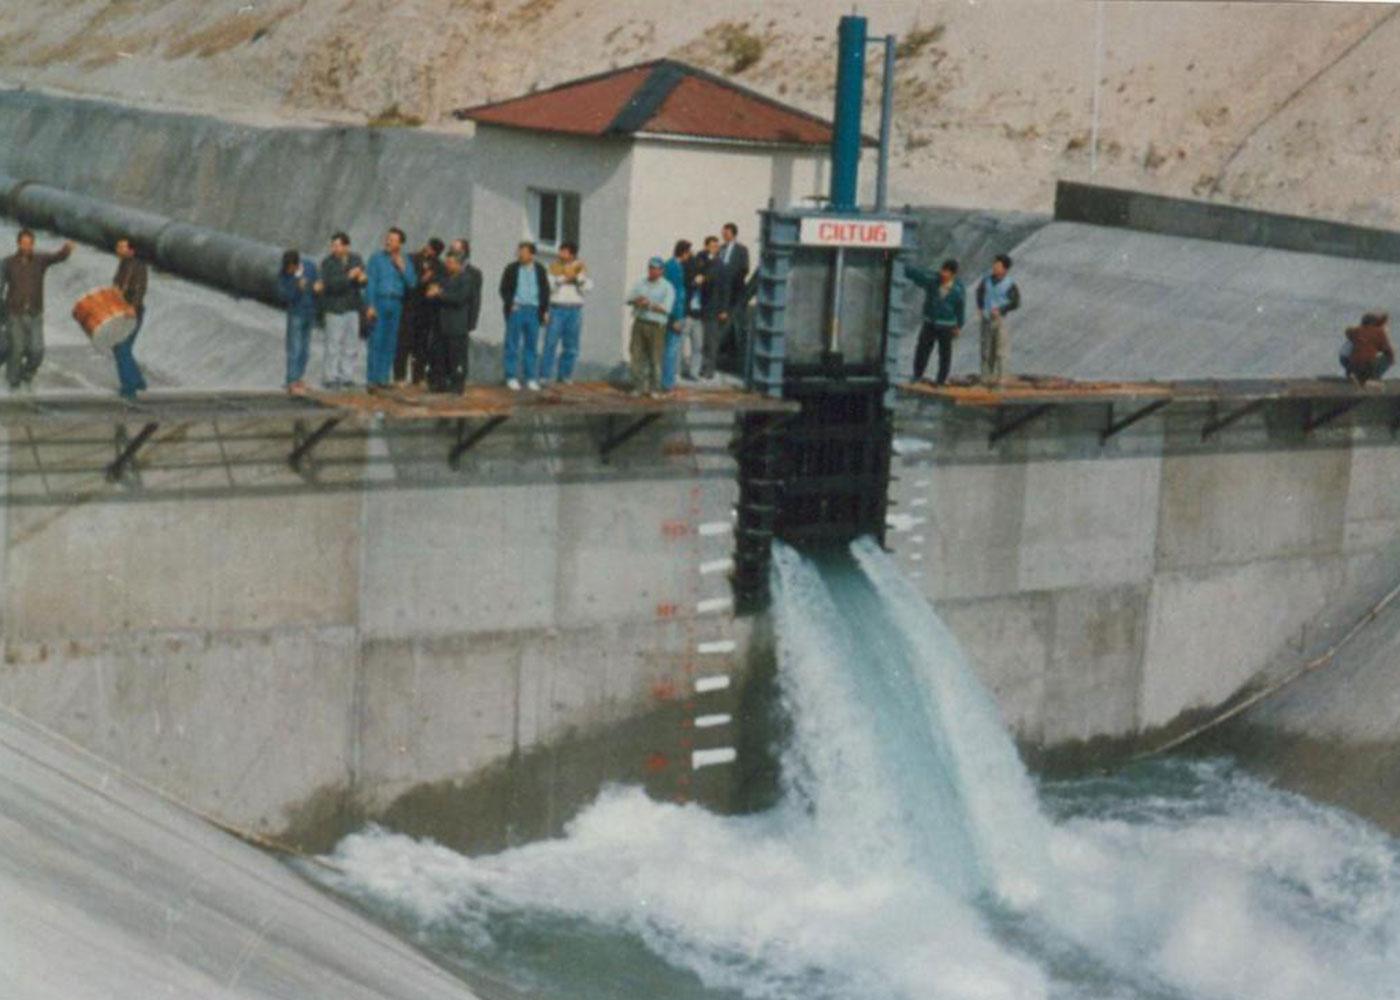 Şanlıurfa Plain Irrigation Project, Şanlıurfa / Turkey